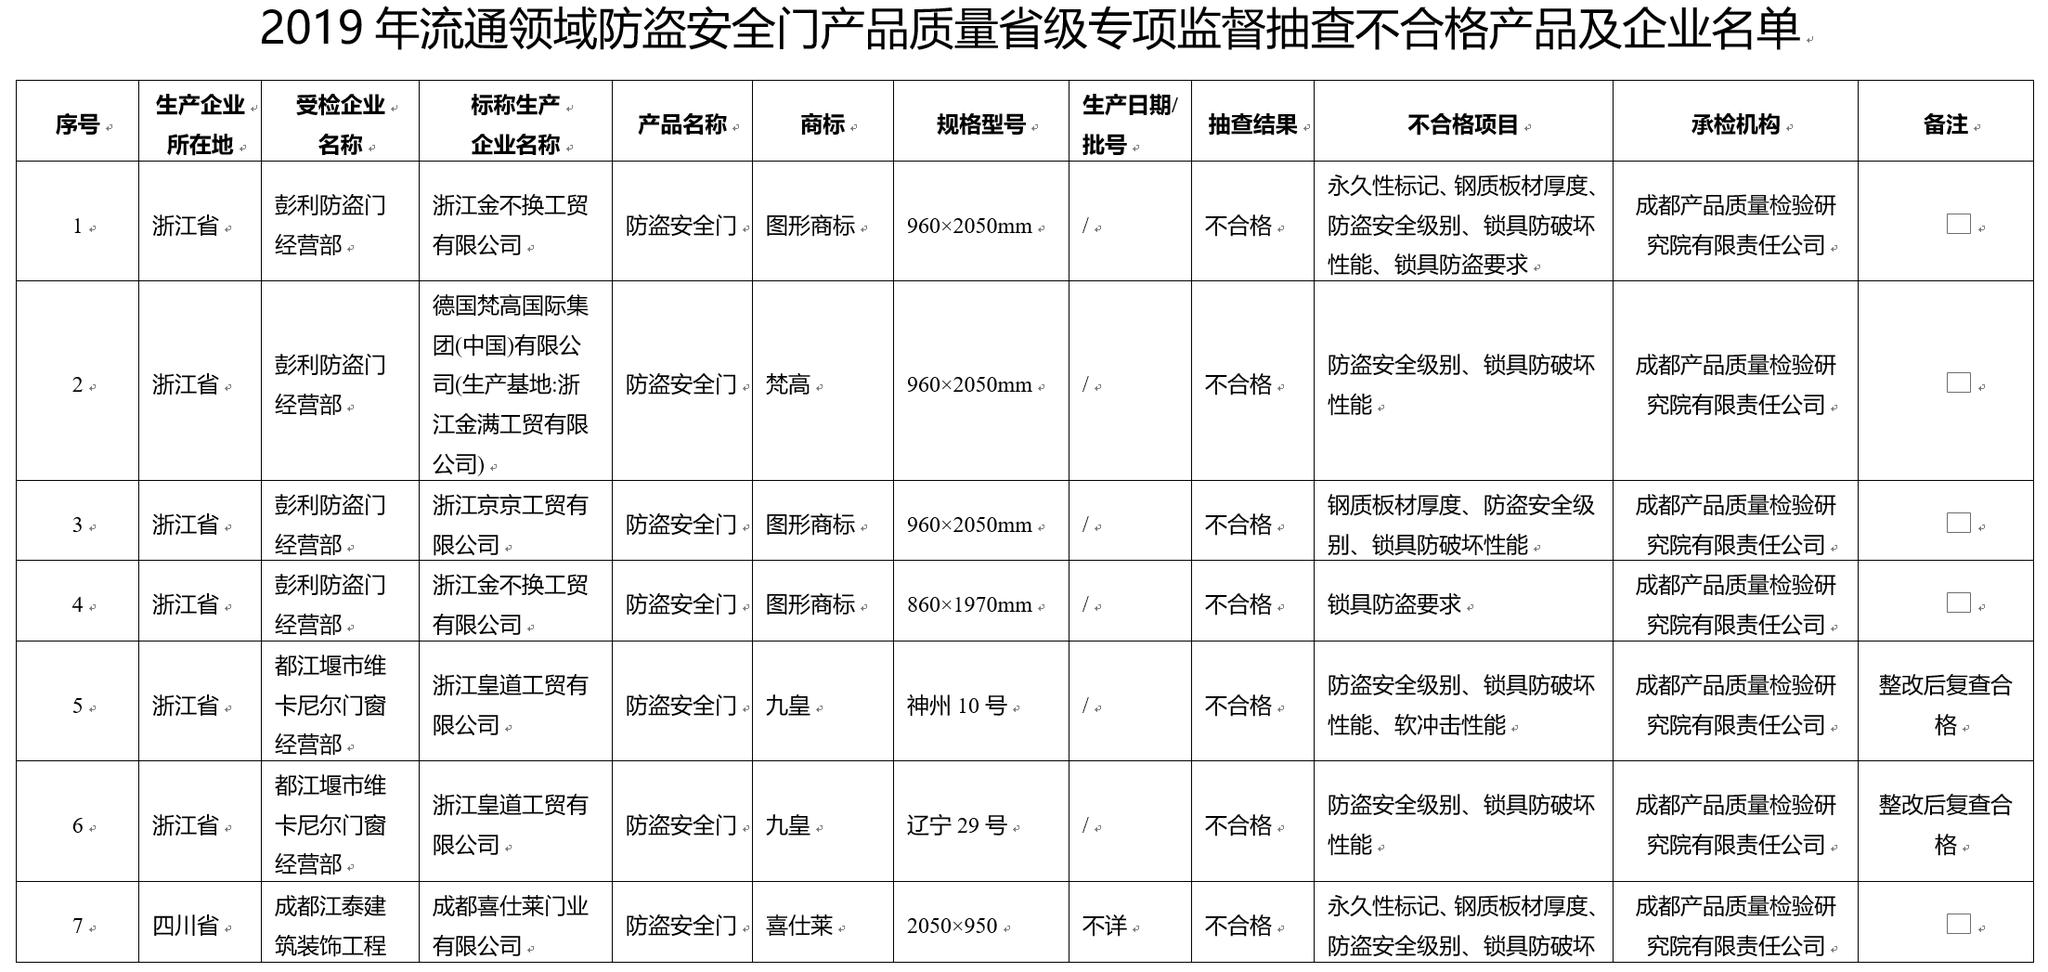 """美狮娱乐攻略 - 拐点来了?香港警队换帅,强硬""""一哥""""到任第一天,上演瓮中捉鳖"""